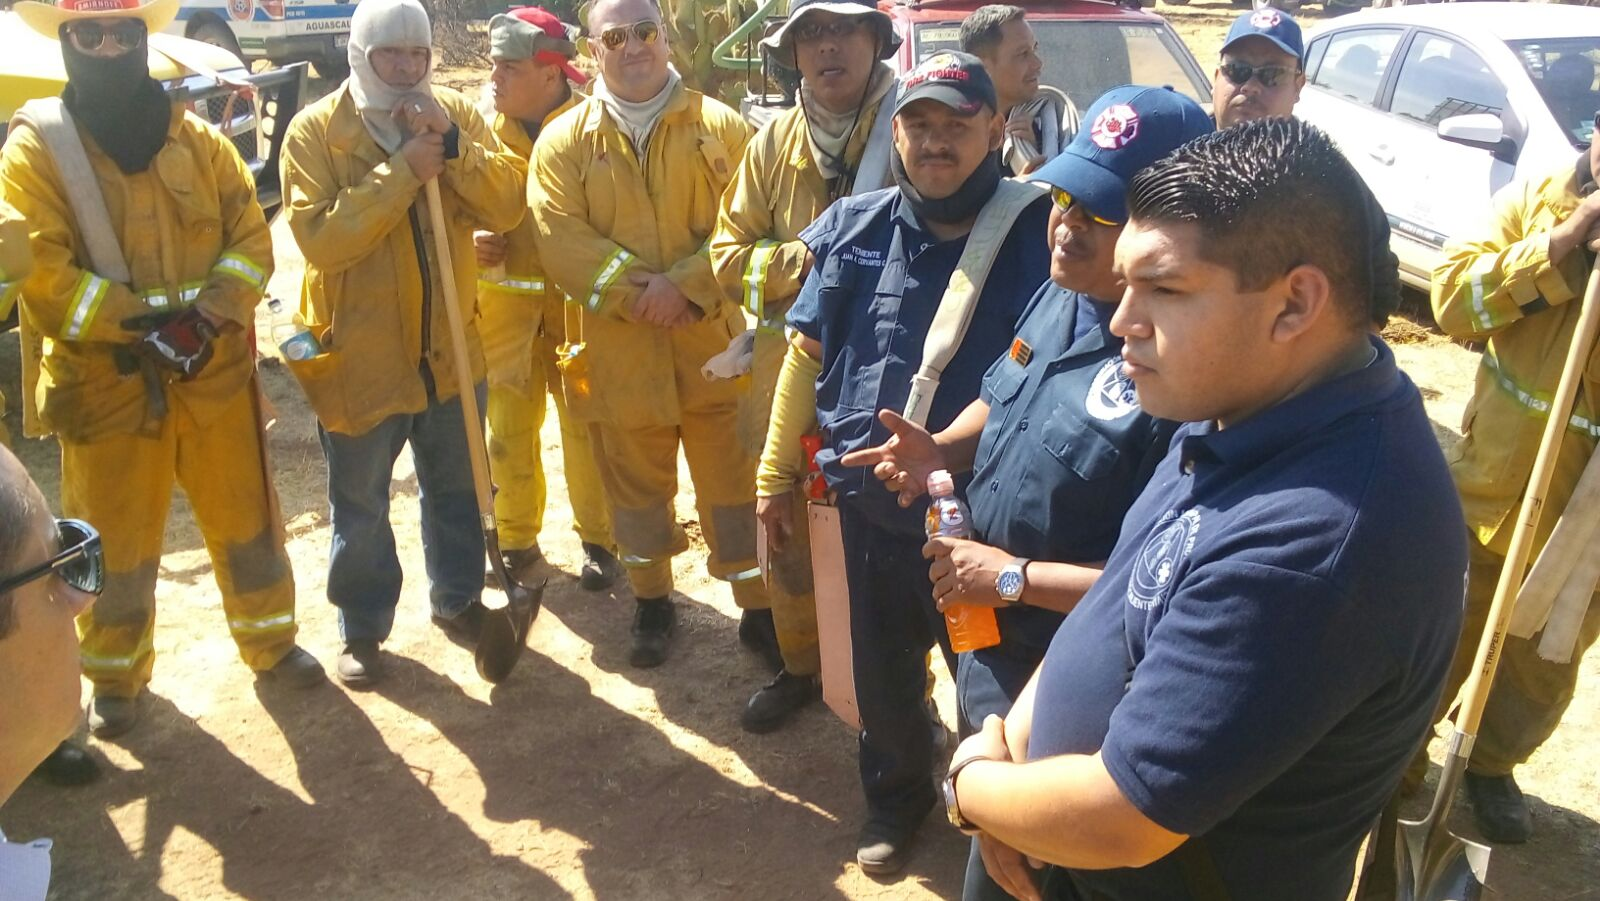 Continúan labores de sofocación de incendio forestal en el Cerro de los Gallos